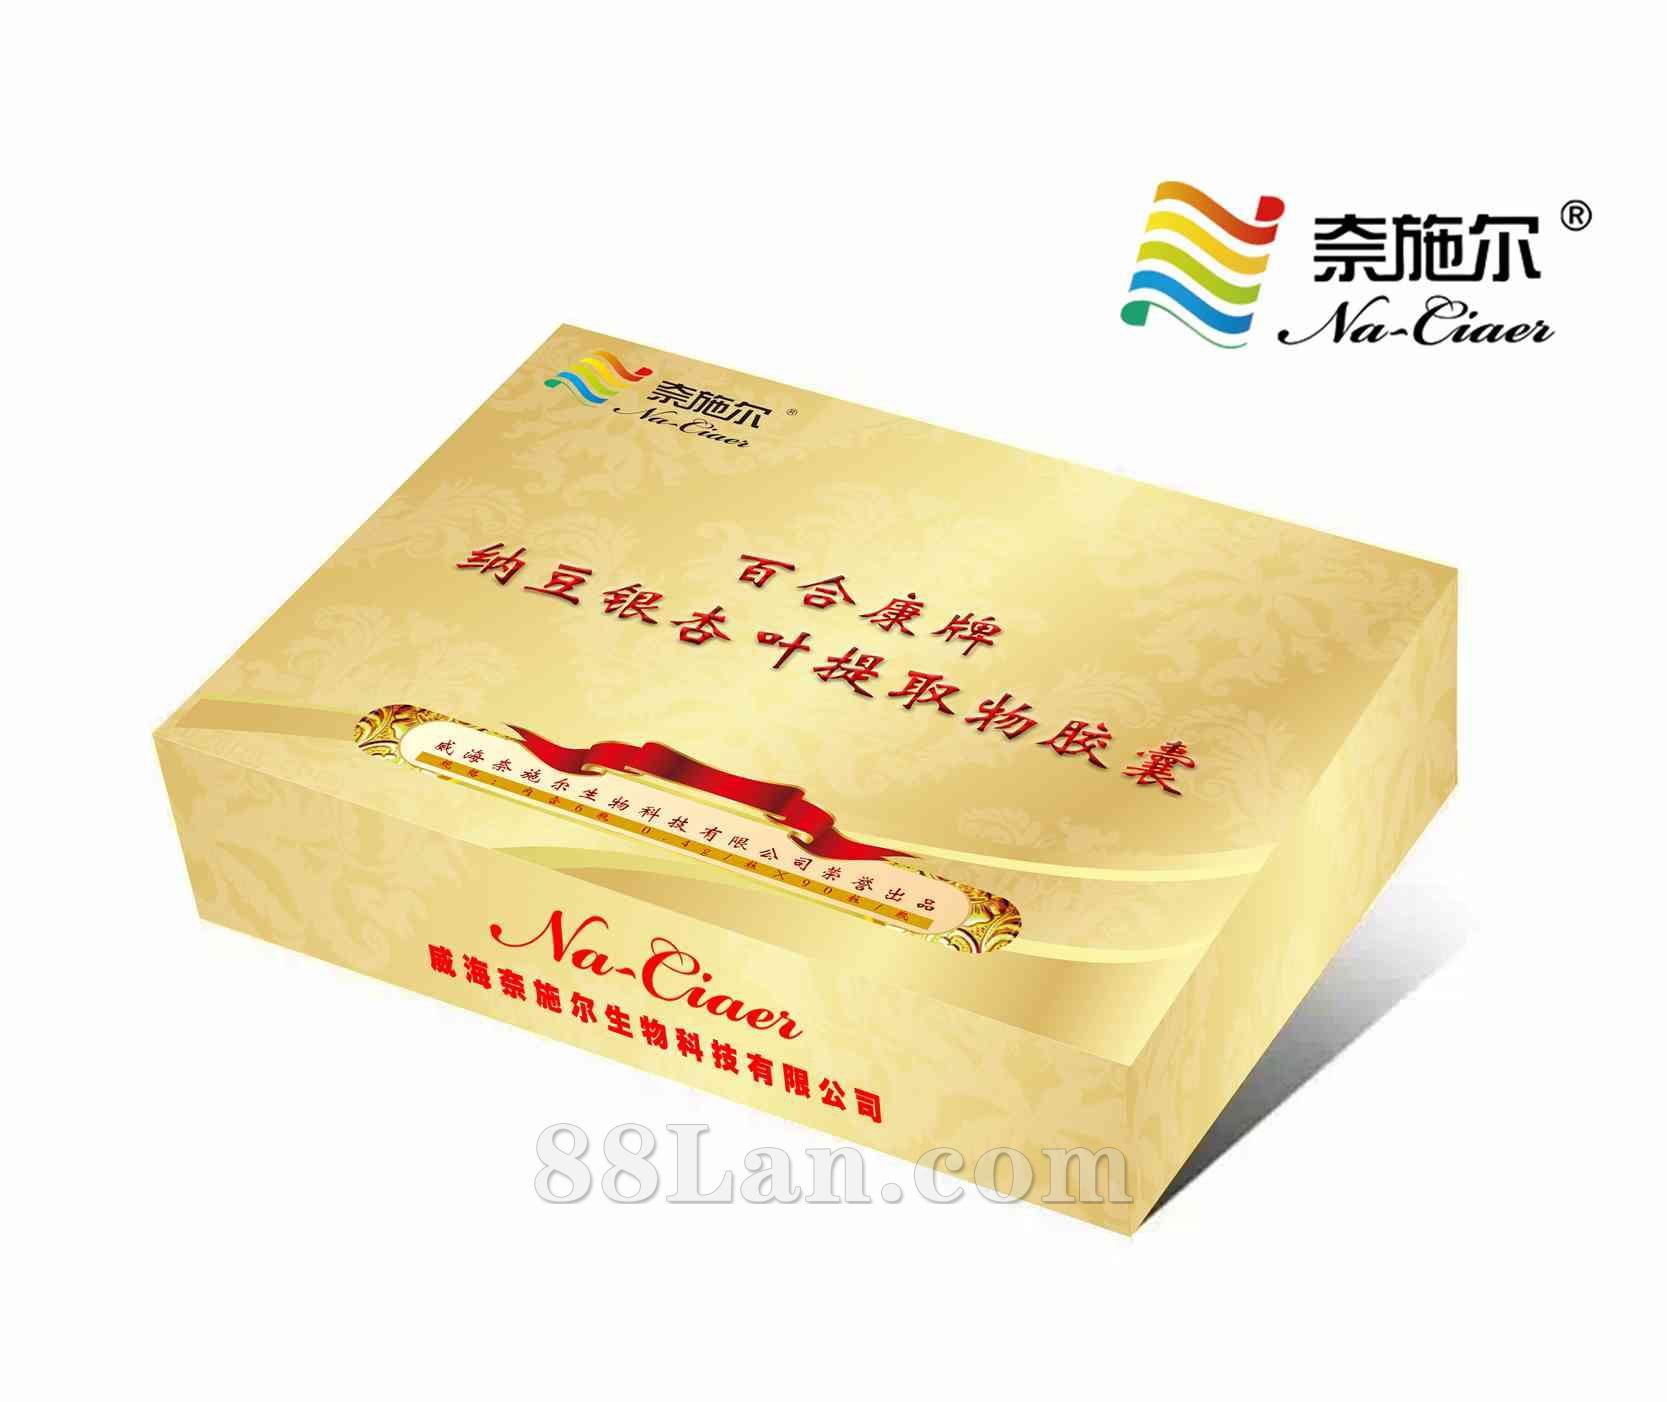 威海奈施尔生物科技有限公司 → 纳豆银杏叶礼盒   产品类别: 保健